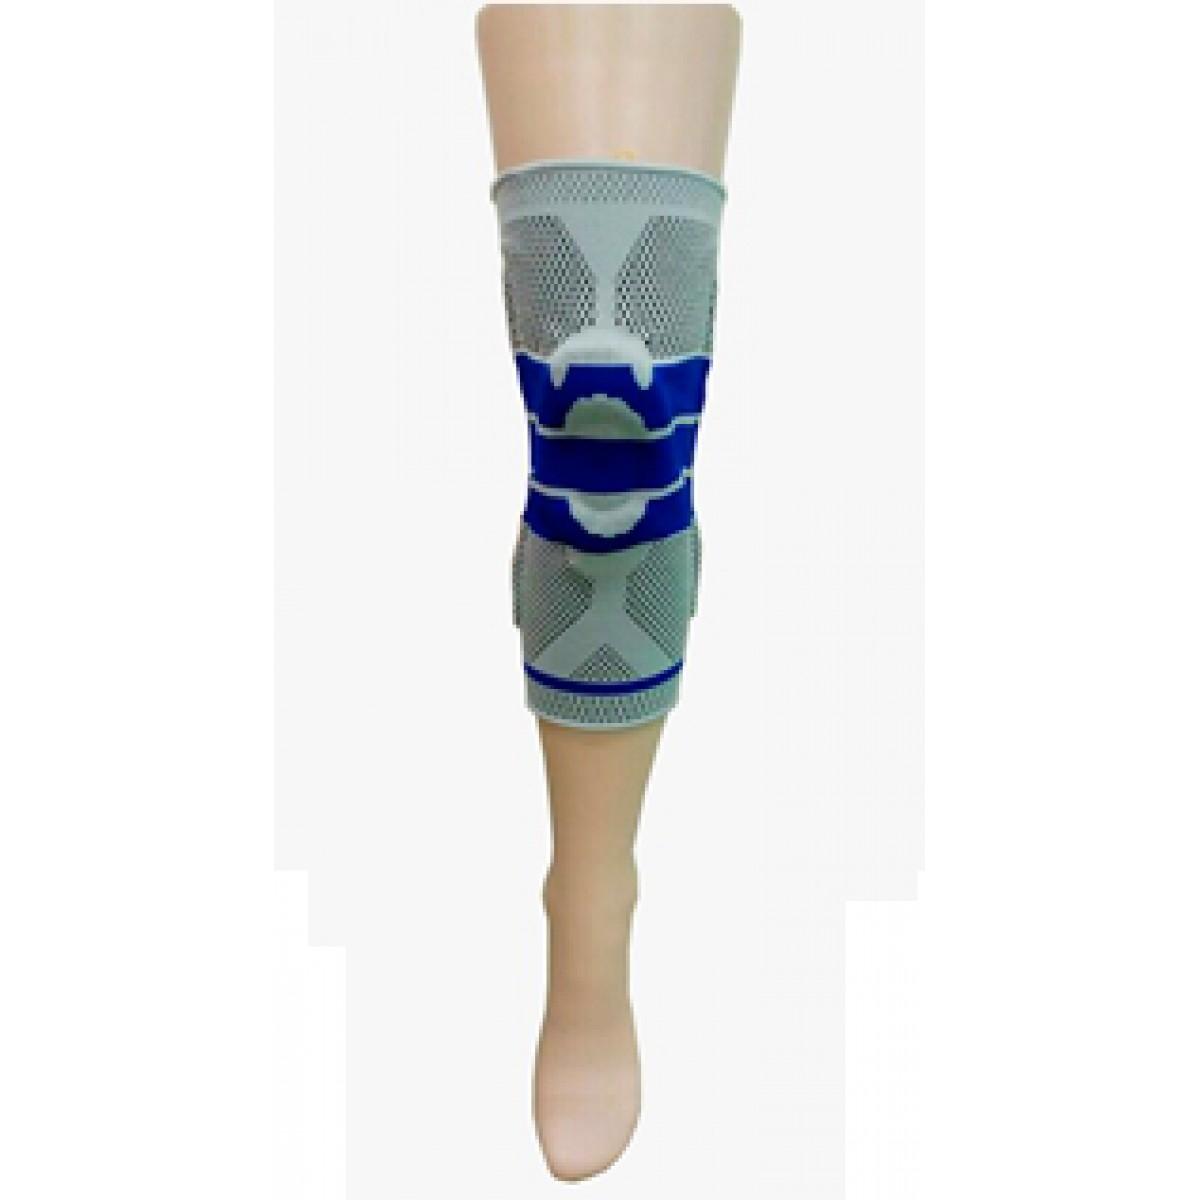 Фиксатор коленного сустава с силиконовыми кольцами  и боковыми пластинами. Размер S (диаметр обхвата коленной чашки - 15 см), M( 17 см), L (19 см)